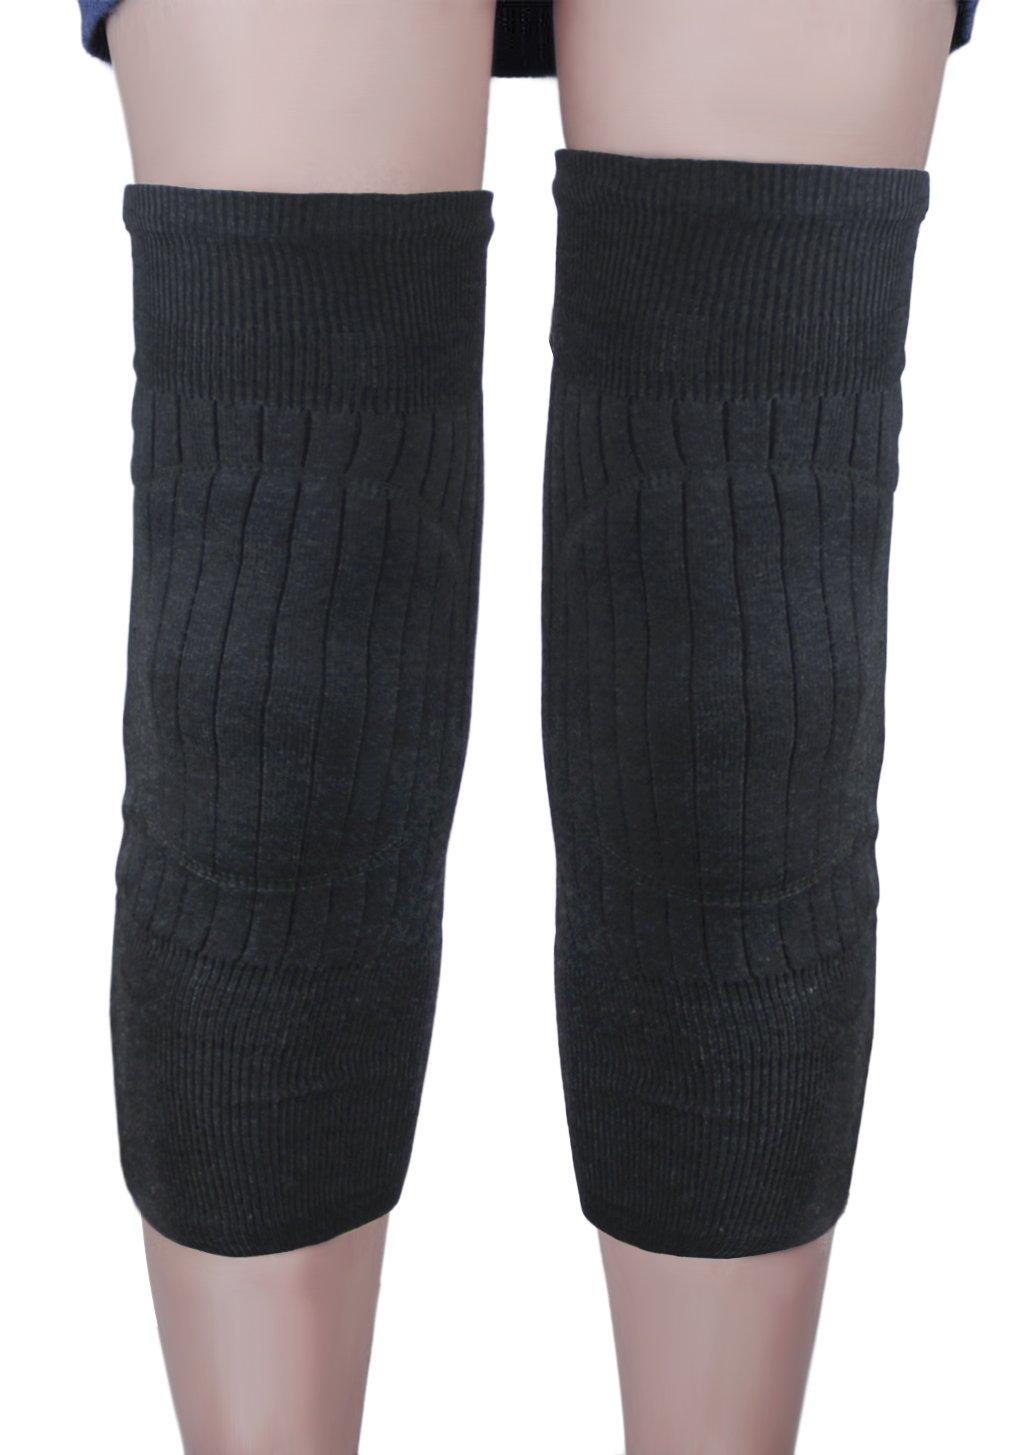 メンズレディース厚み付けロング伸縮性膝脚スリーブWarmers通気性熱カシミアパッド入り膝ブレースラッププロテクターパッドサポートレギンスストッキングのアウトドアスポーツ関節炎炎 B01N4054E0 ディープグレー